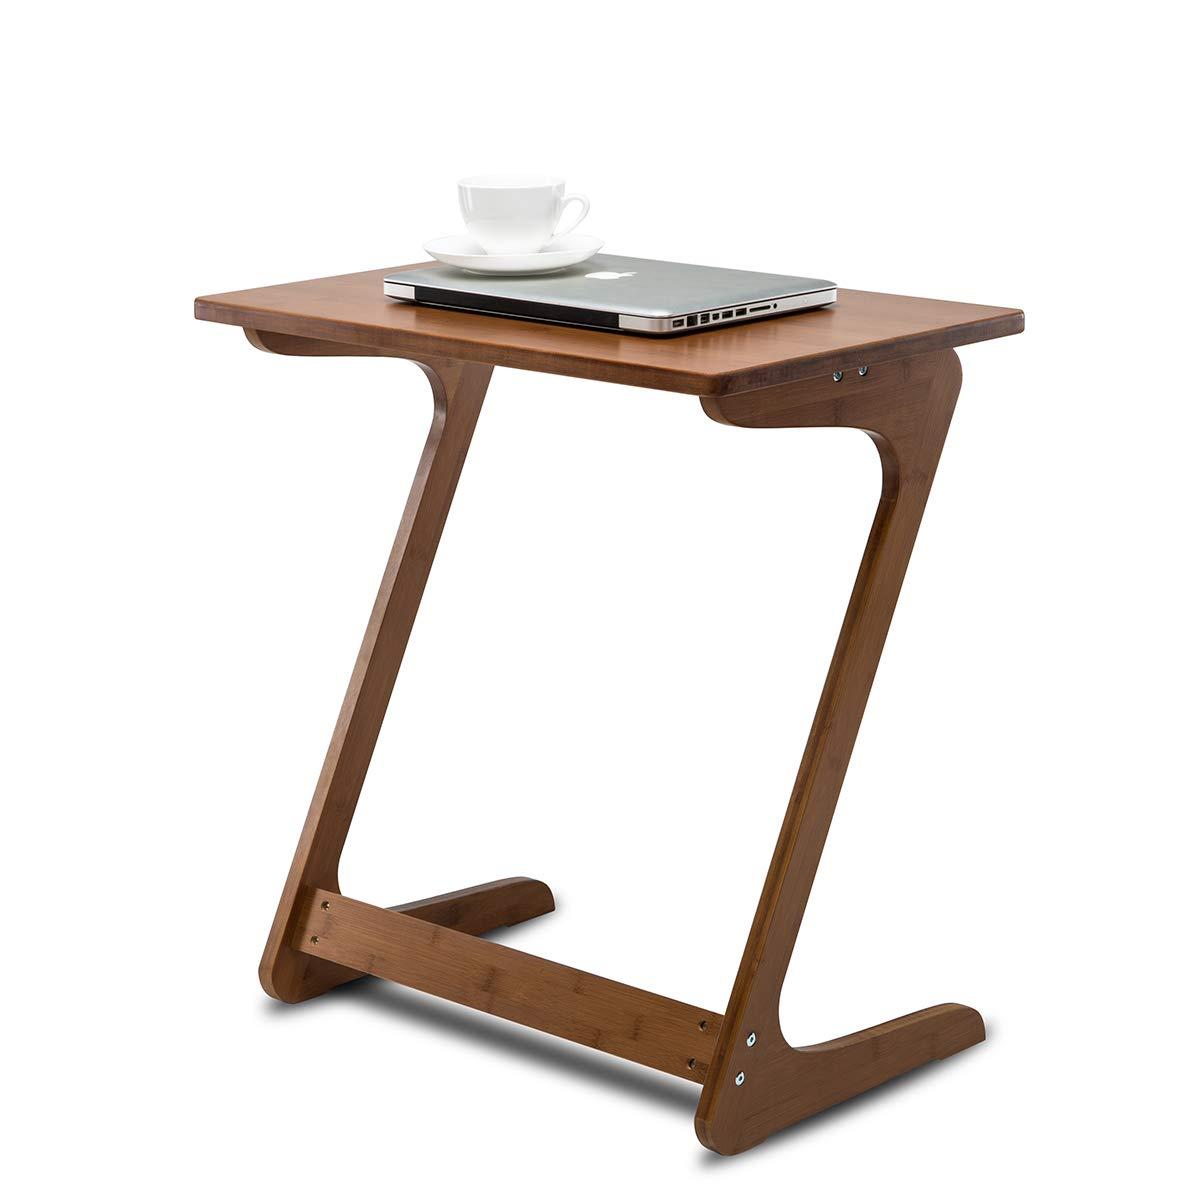 Nnewvante, vassoio per divano e tv, scrivania per laptop, tavolo laterale/snack/caffè, divano letto, adatto per mangiare, scrivere e leggere in salotto, colore castagno